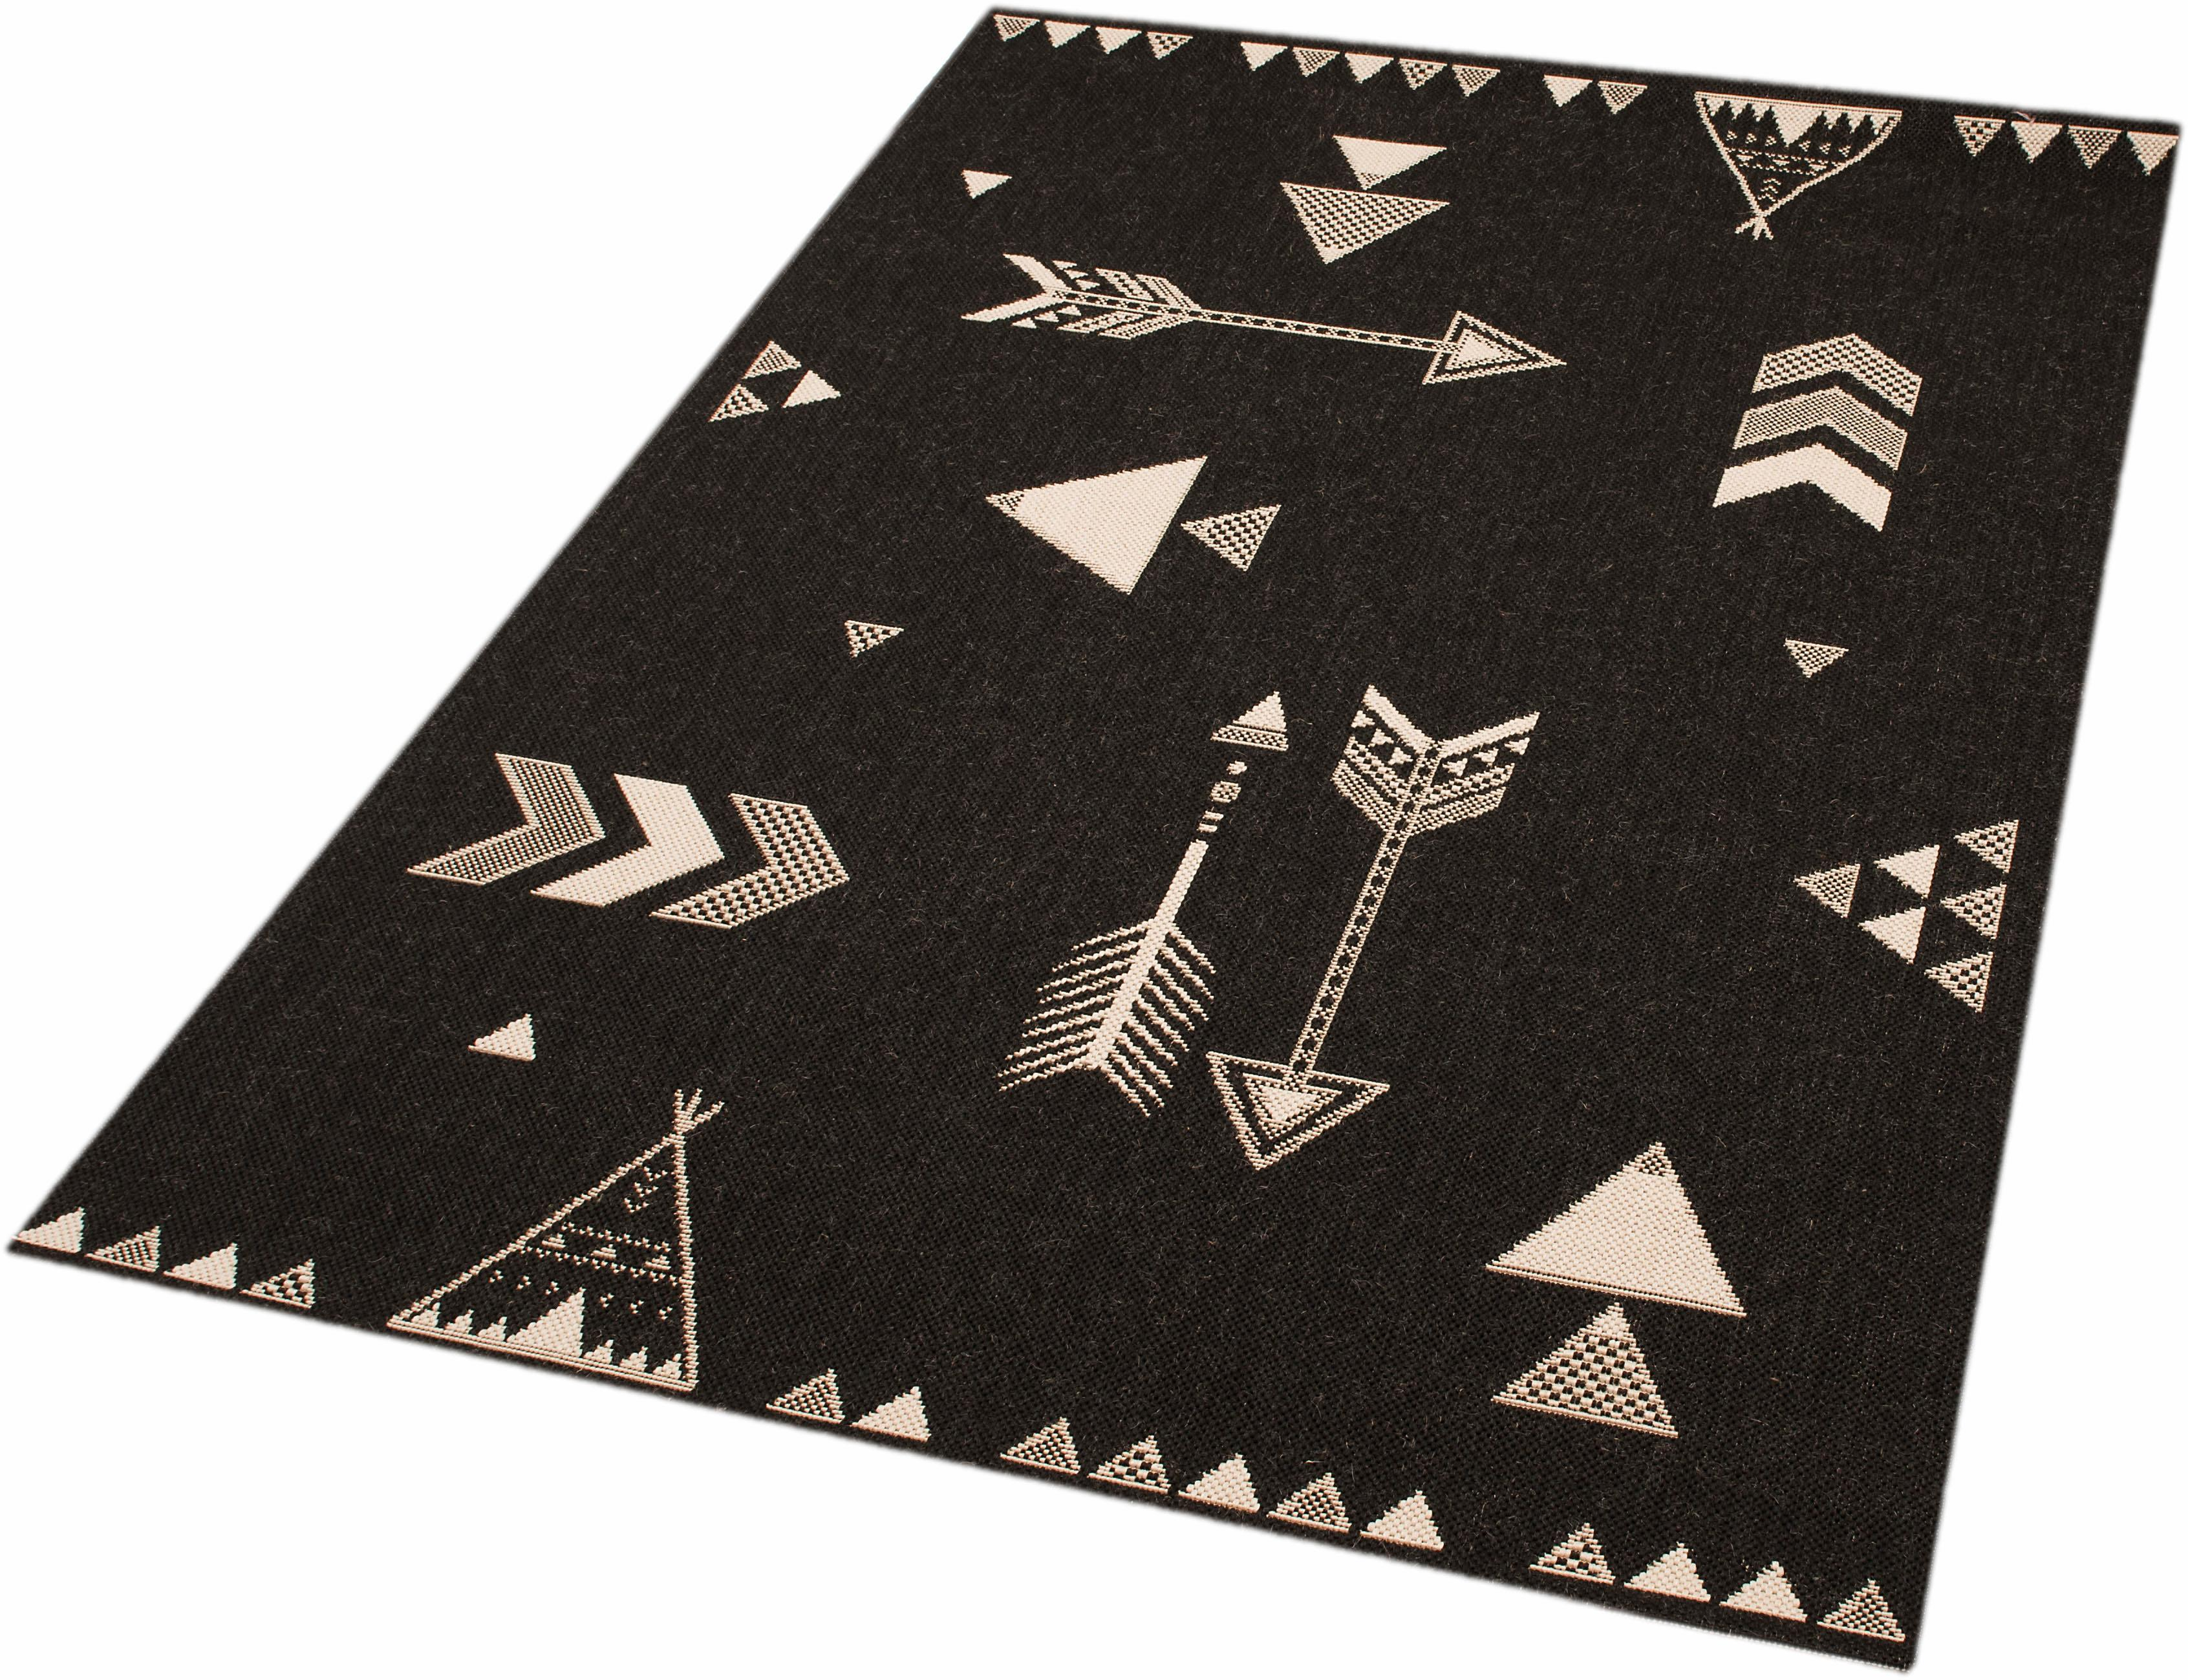 Teppich Arrows Barney Zala Living rechteckig Höhe 4 mm maschinell gewebt